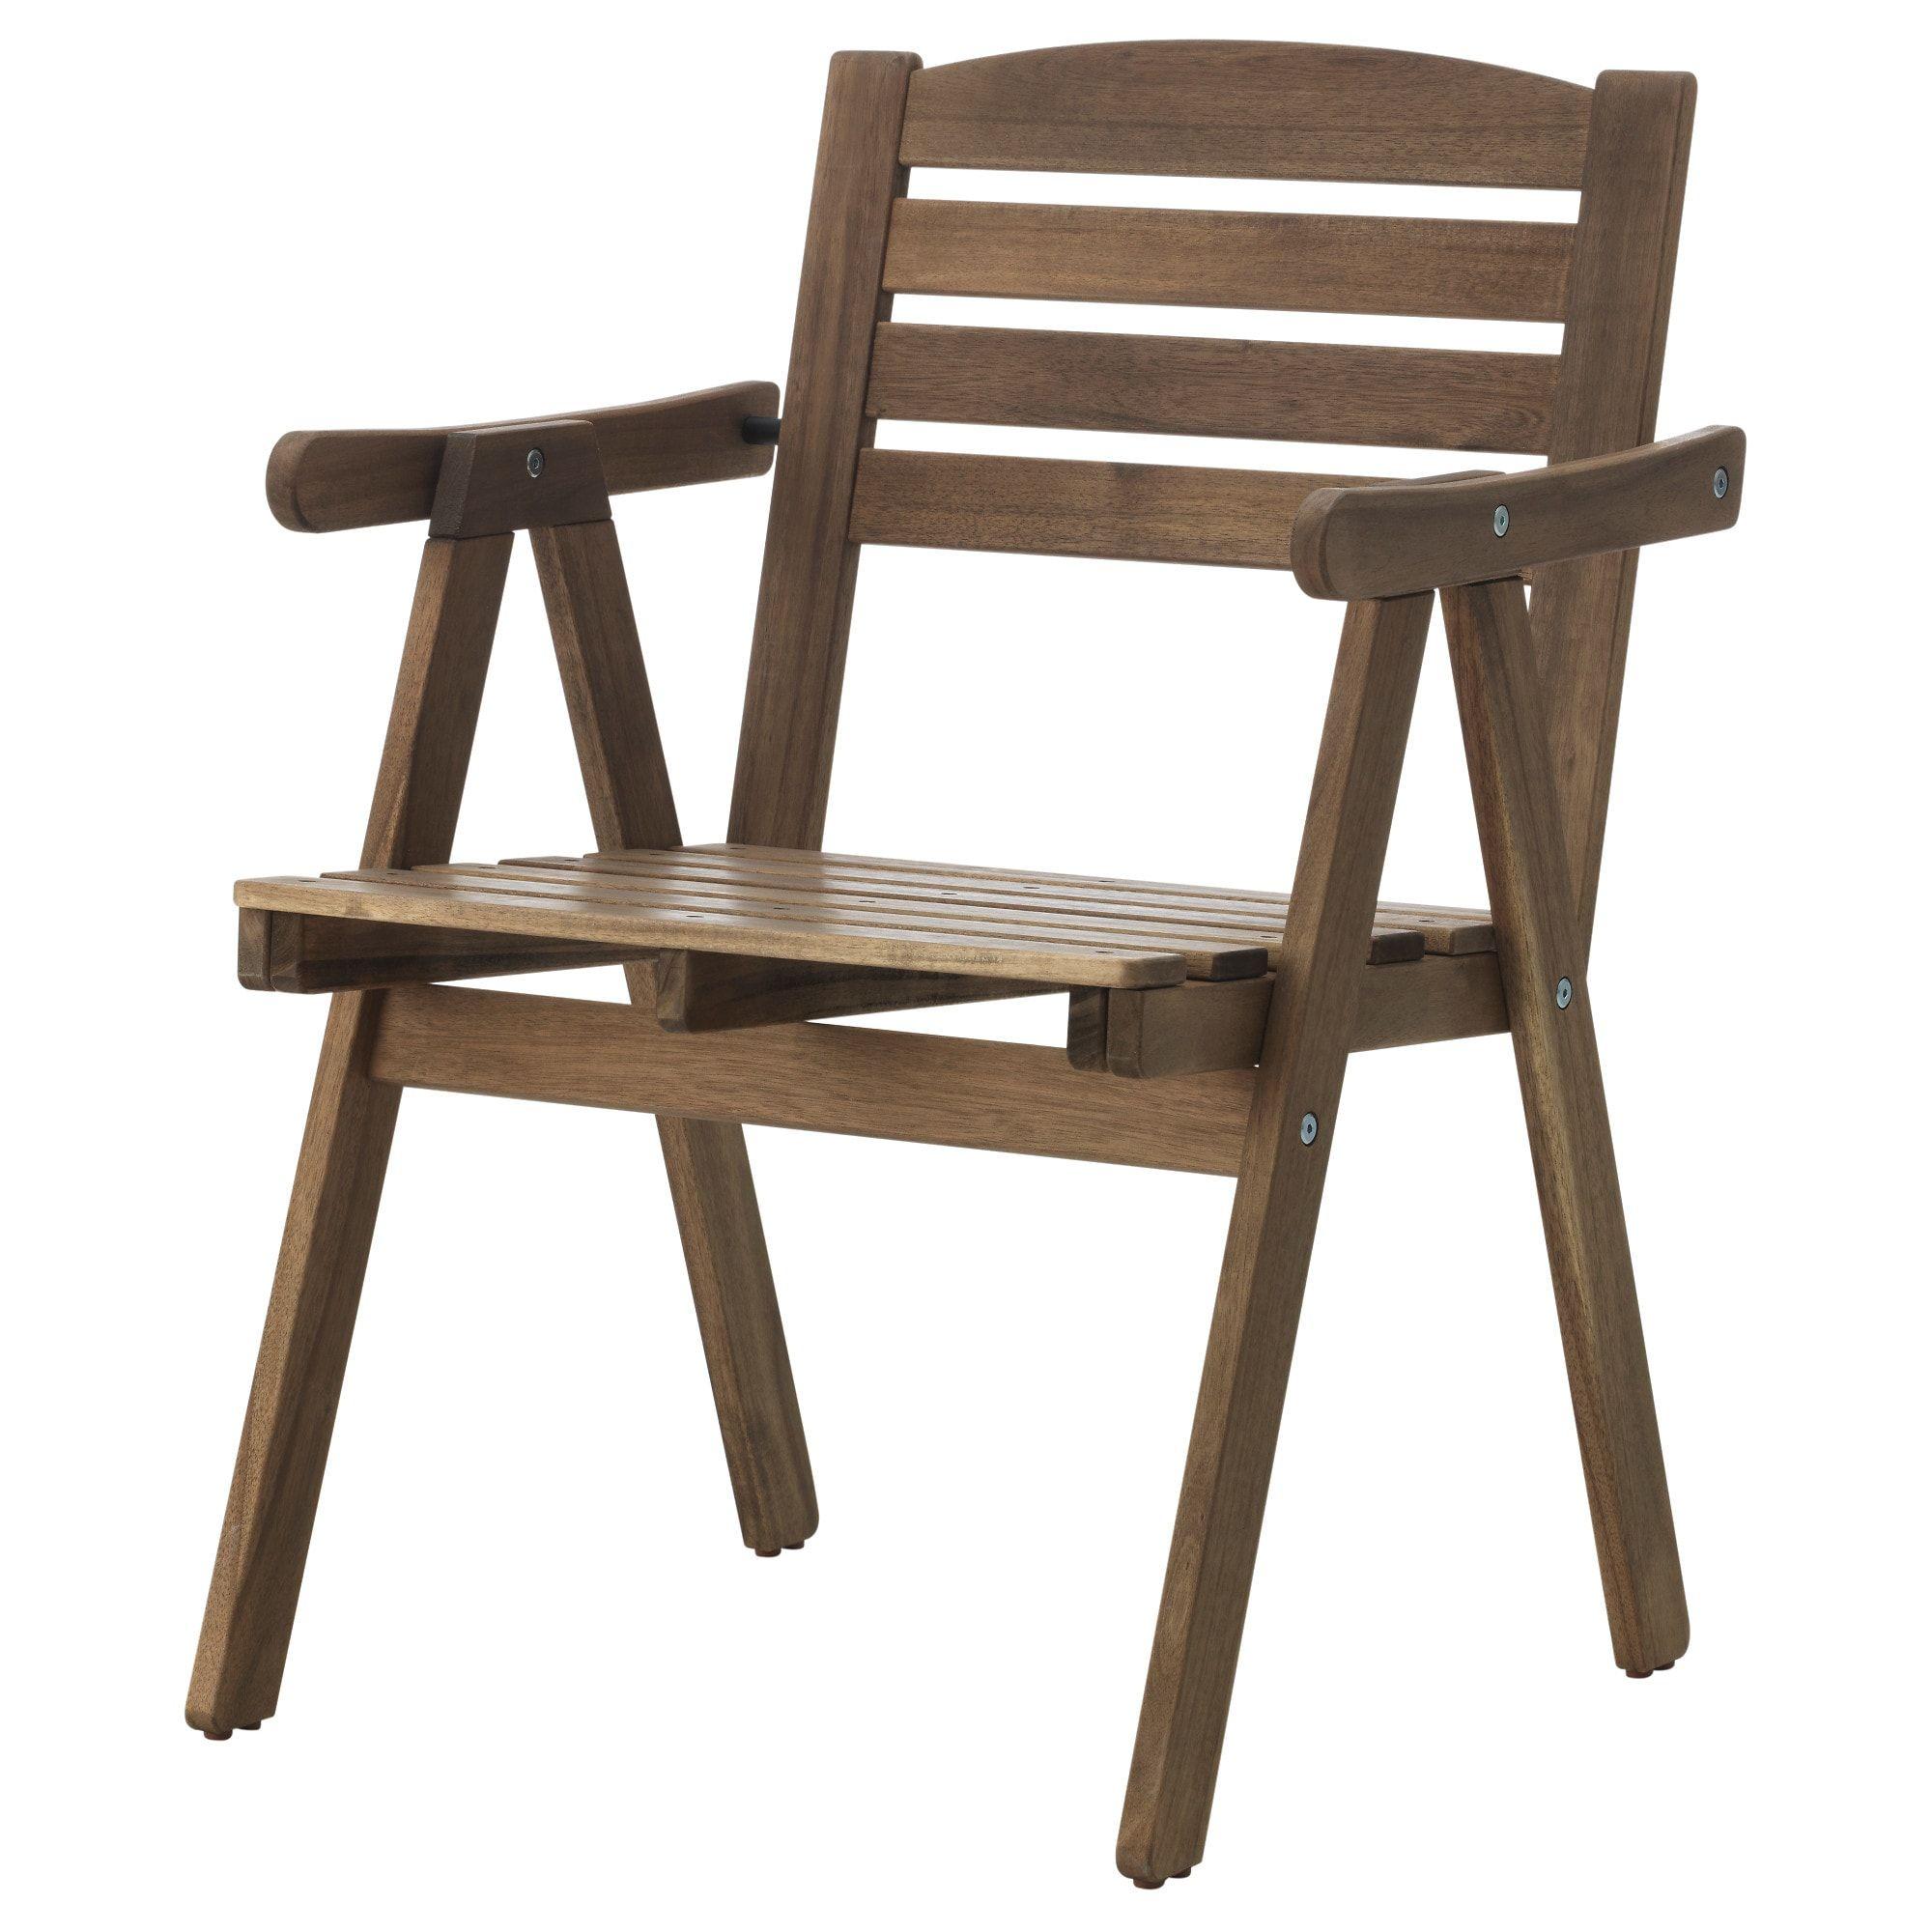 Full Size of Falholmen Armlehnstuhl Auen Graubraun Lasiert Hellbraun Ikea Küche Kosten Modulküche Betten 160x200 Kaufen Bei Miniküche Sofa Mit Schlaffunktion Wohnzimmer Gartenliege Ikea